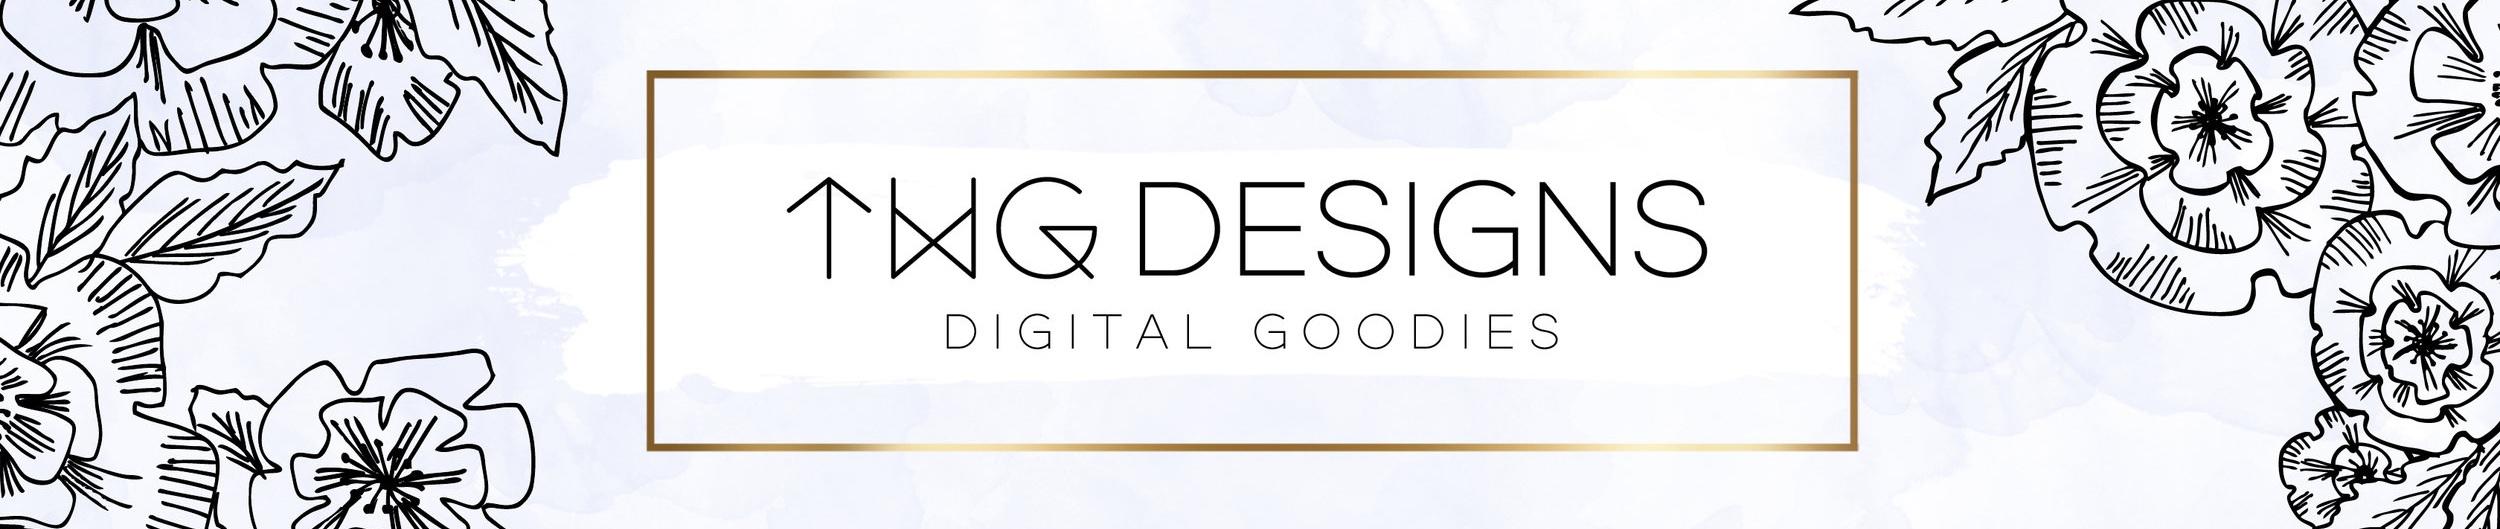 TWG+new+etsy+banner.jpg